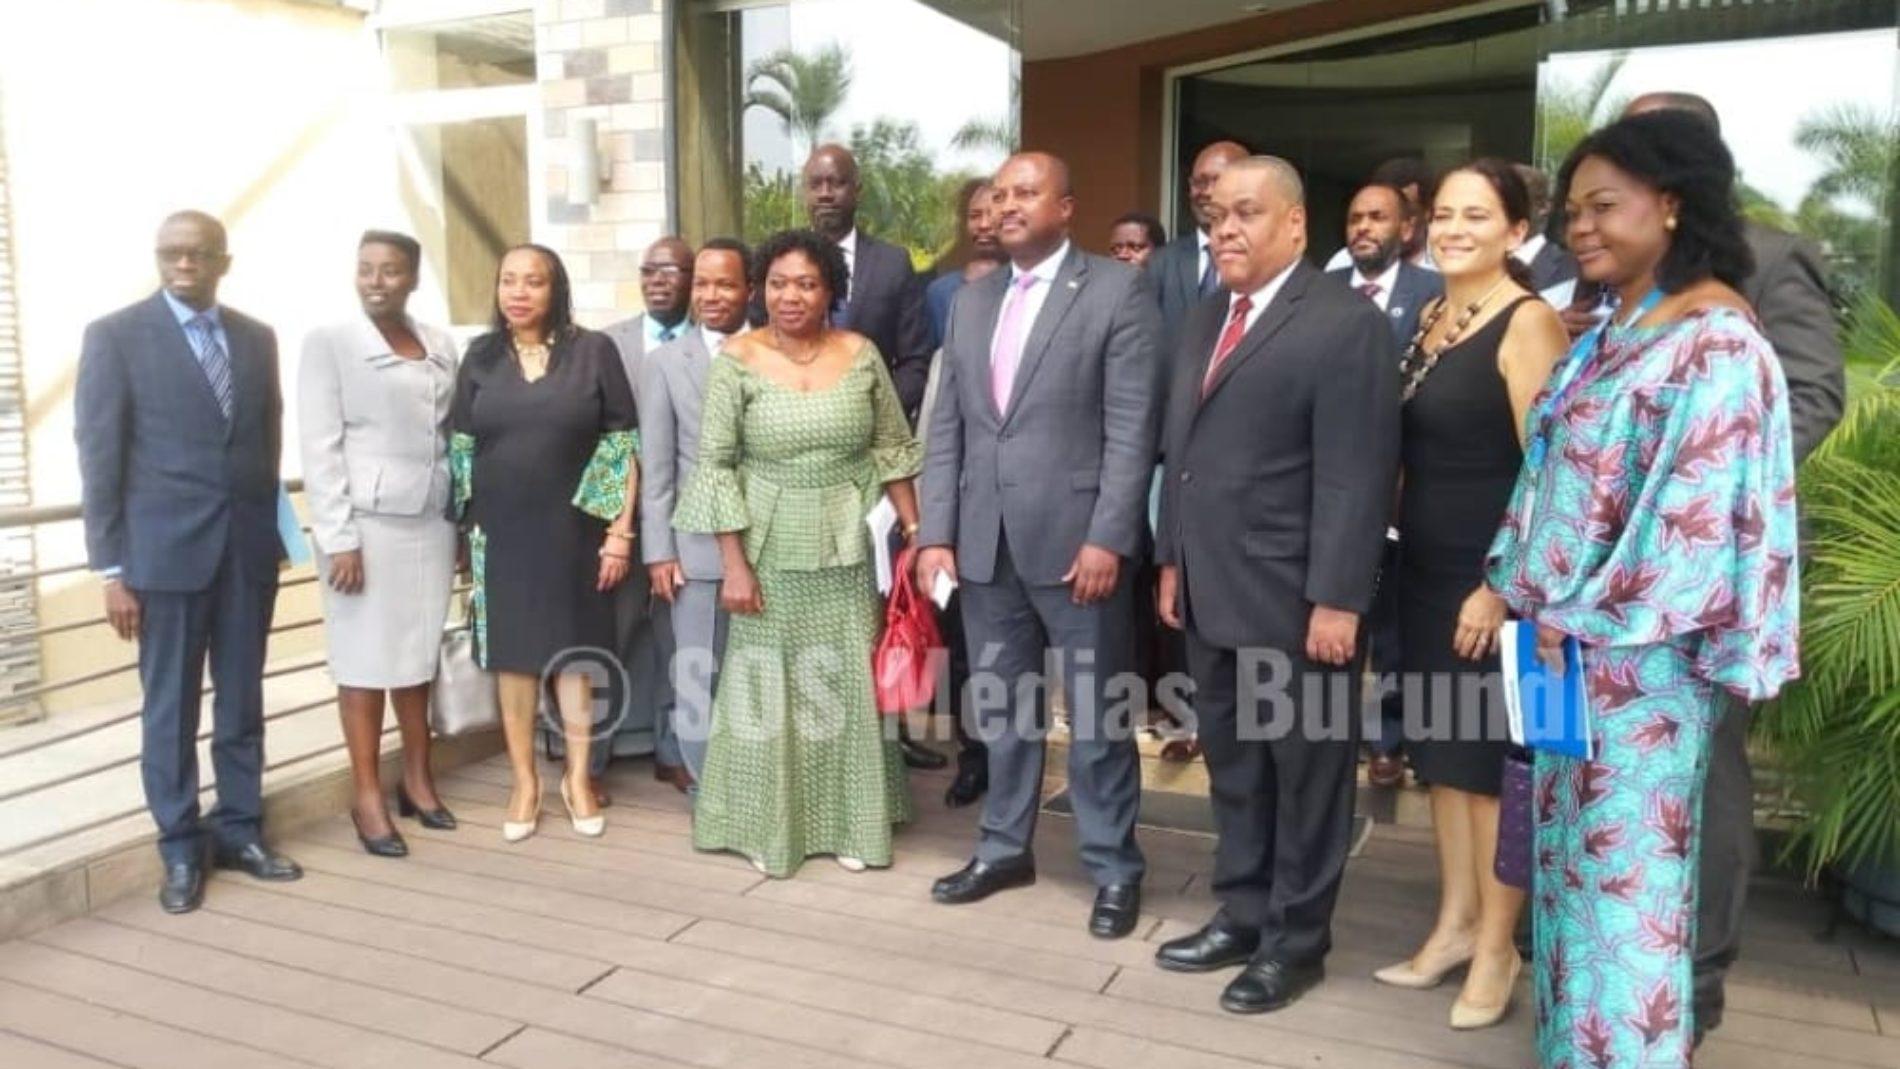 Burundi-diplomatie: les représentants des agences des Nations-Unies prêts à accompagnés les actions du gouvernement